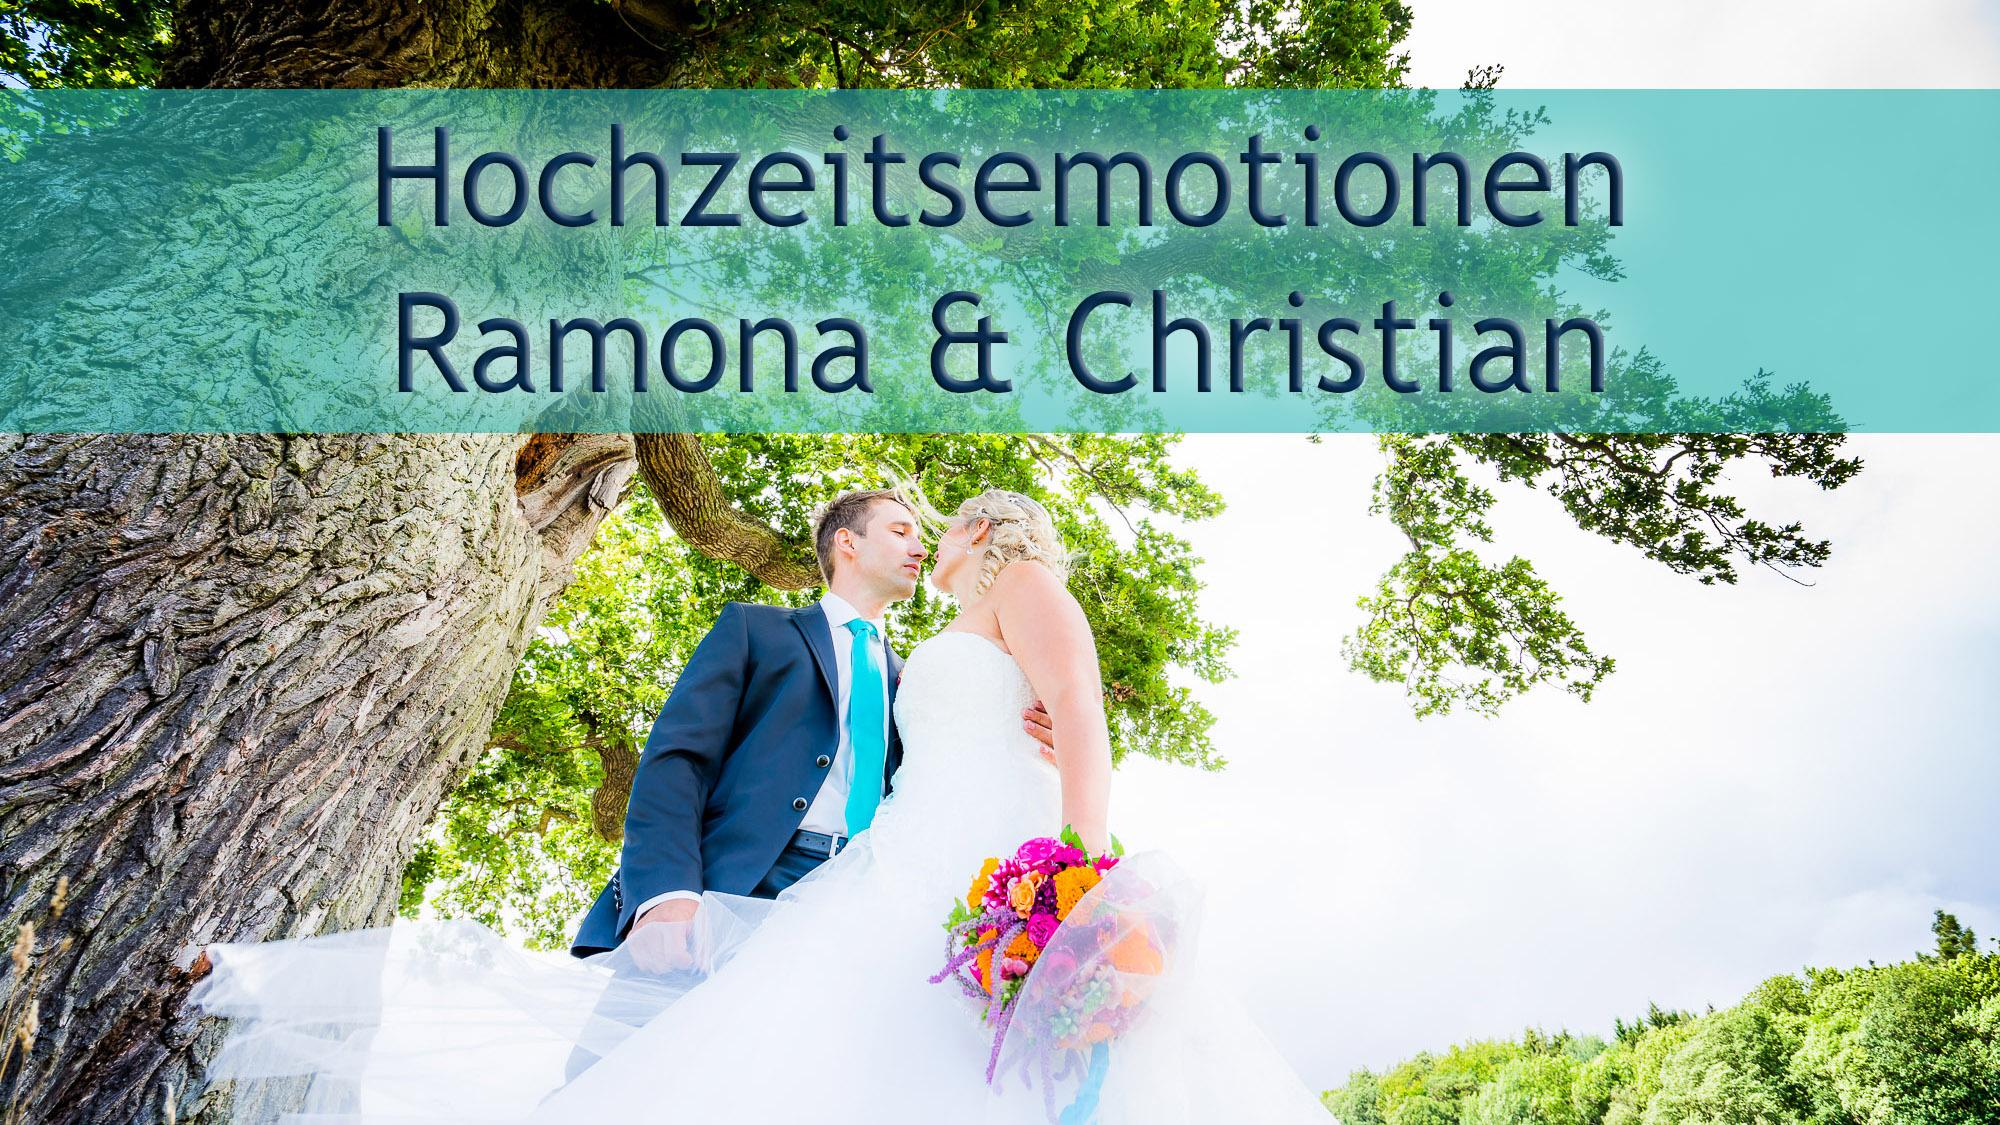 Die neue Hochzeitsemotionen-Saison startet schon bald – und es gibt was neues für die neuen Paare!